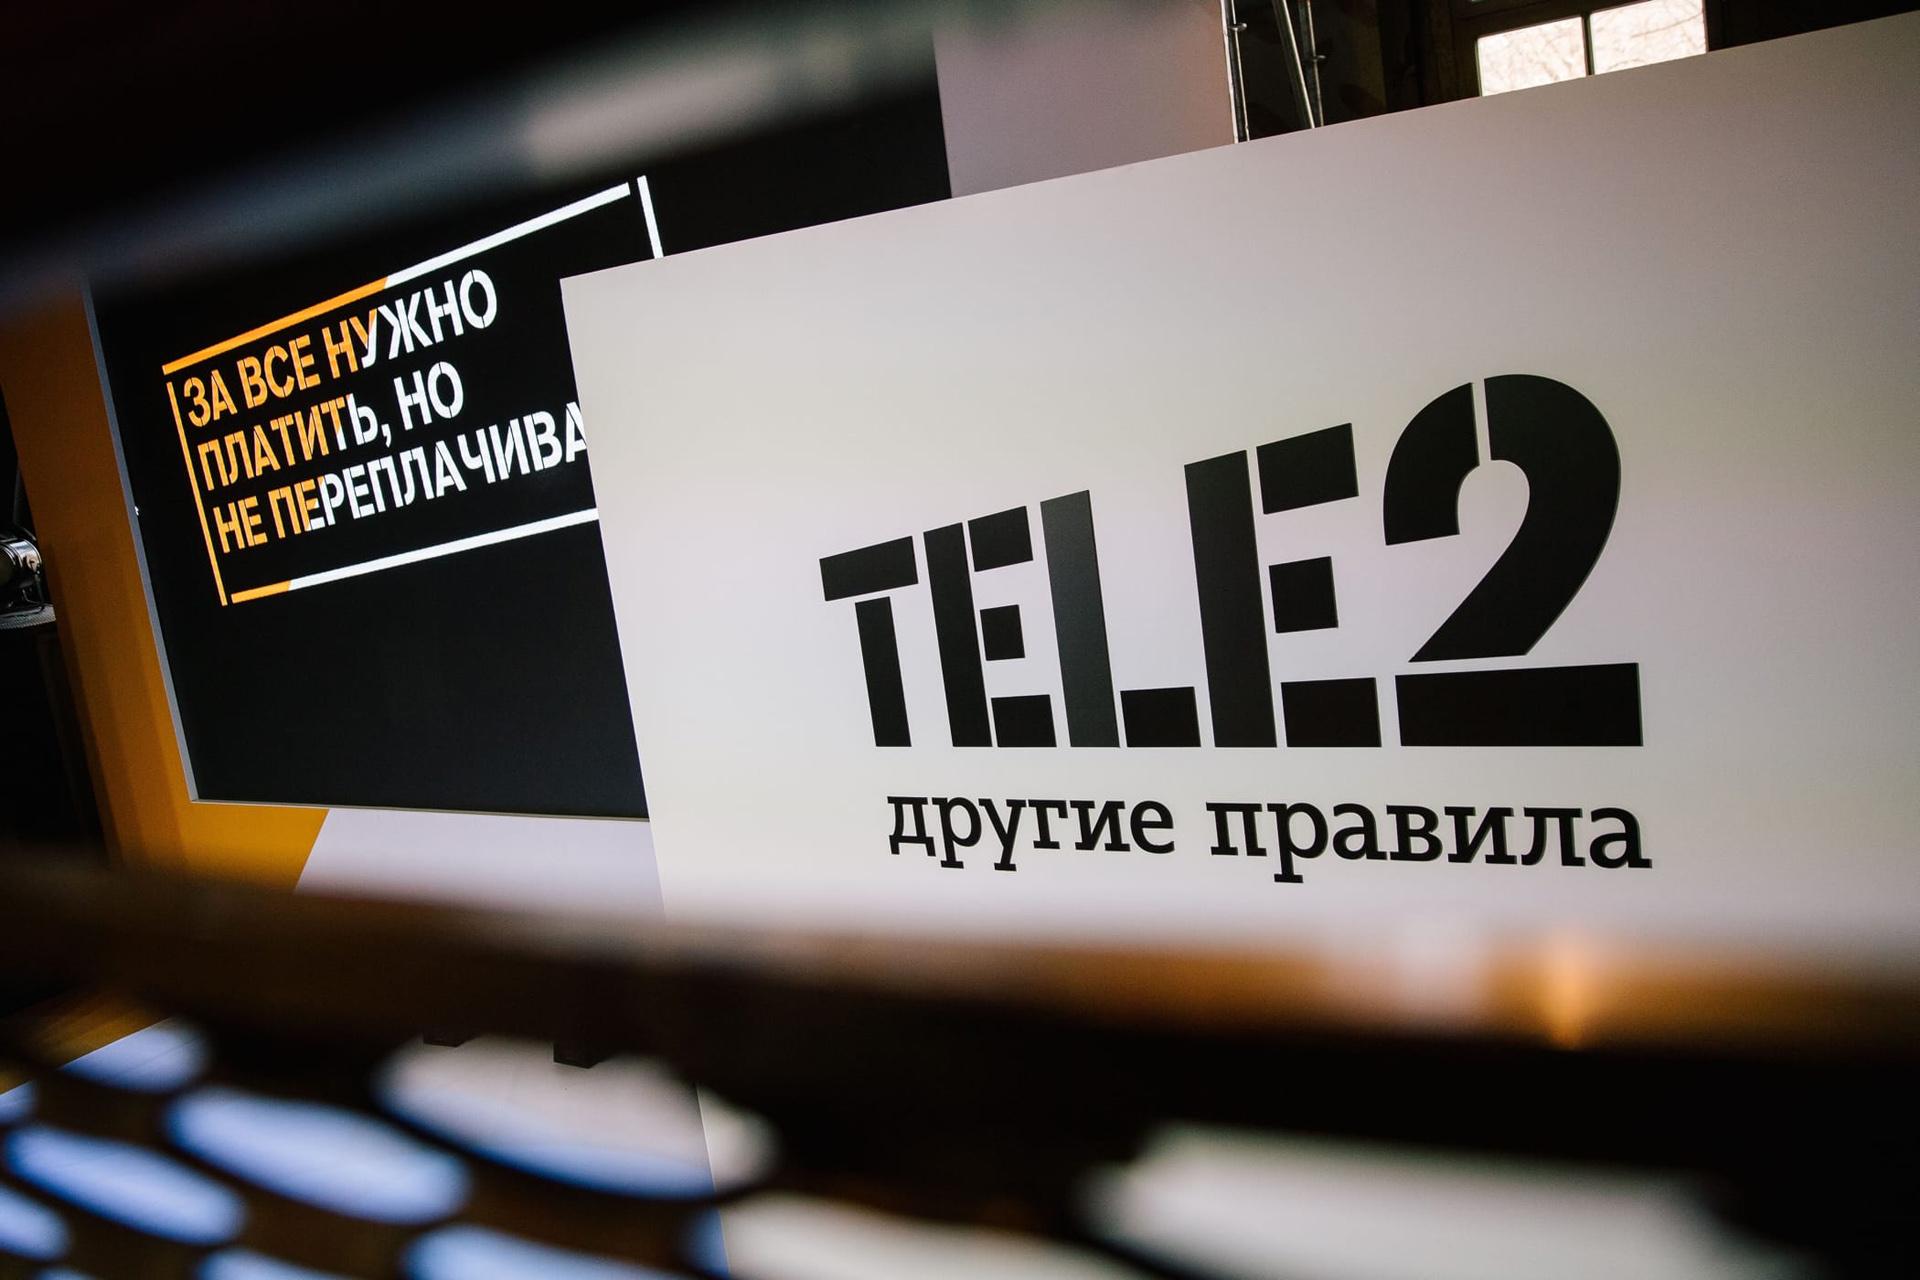 Tele2 в Норильске значительно увеличивает пакеты интернет-трафика